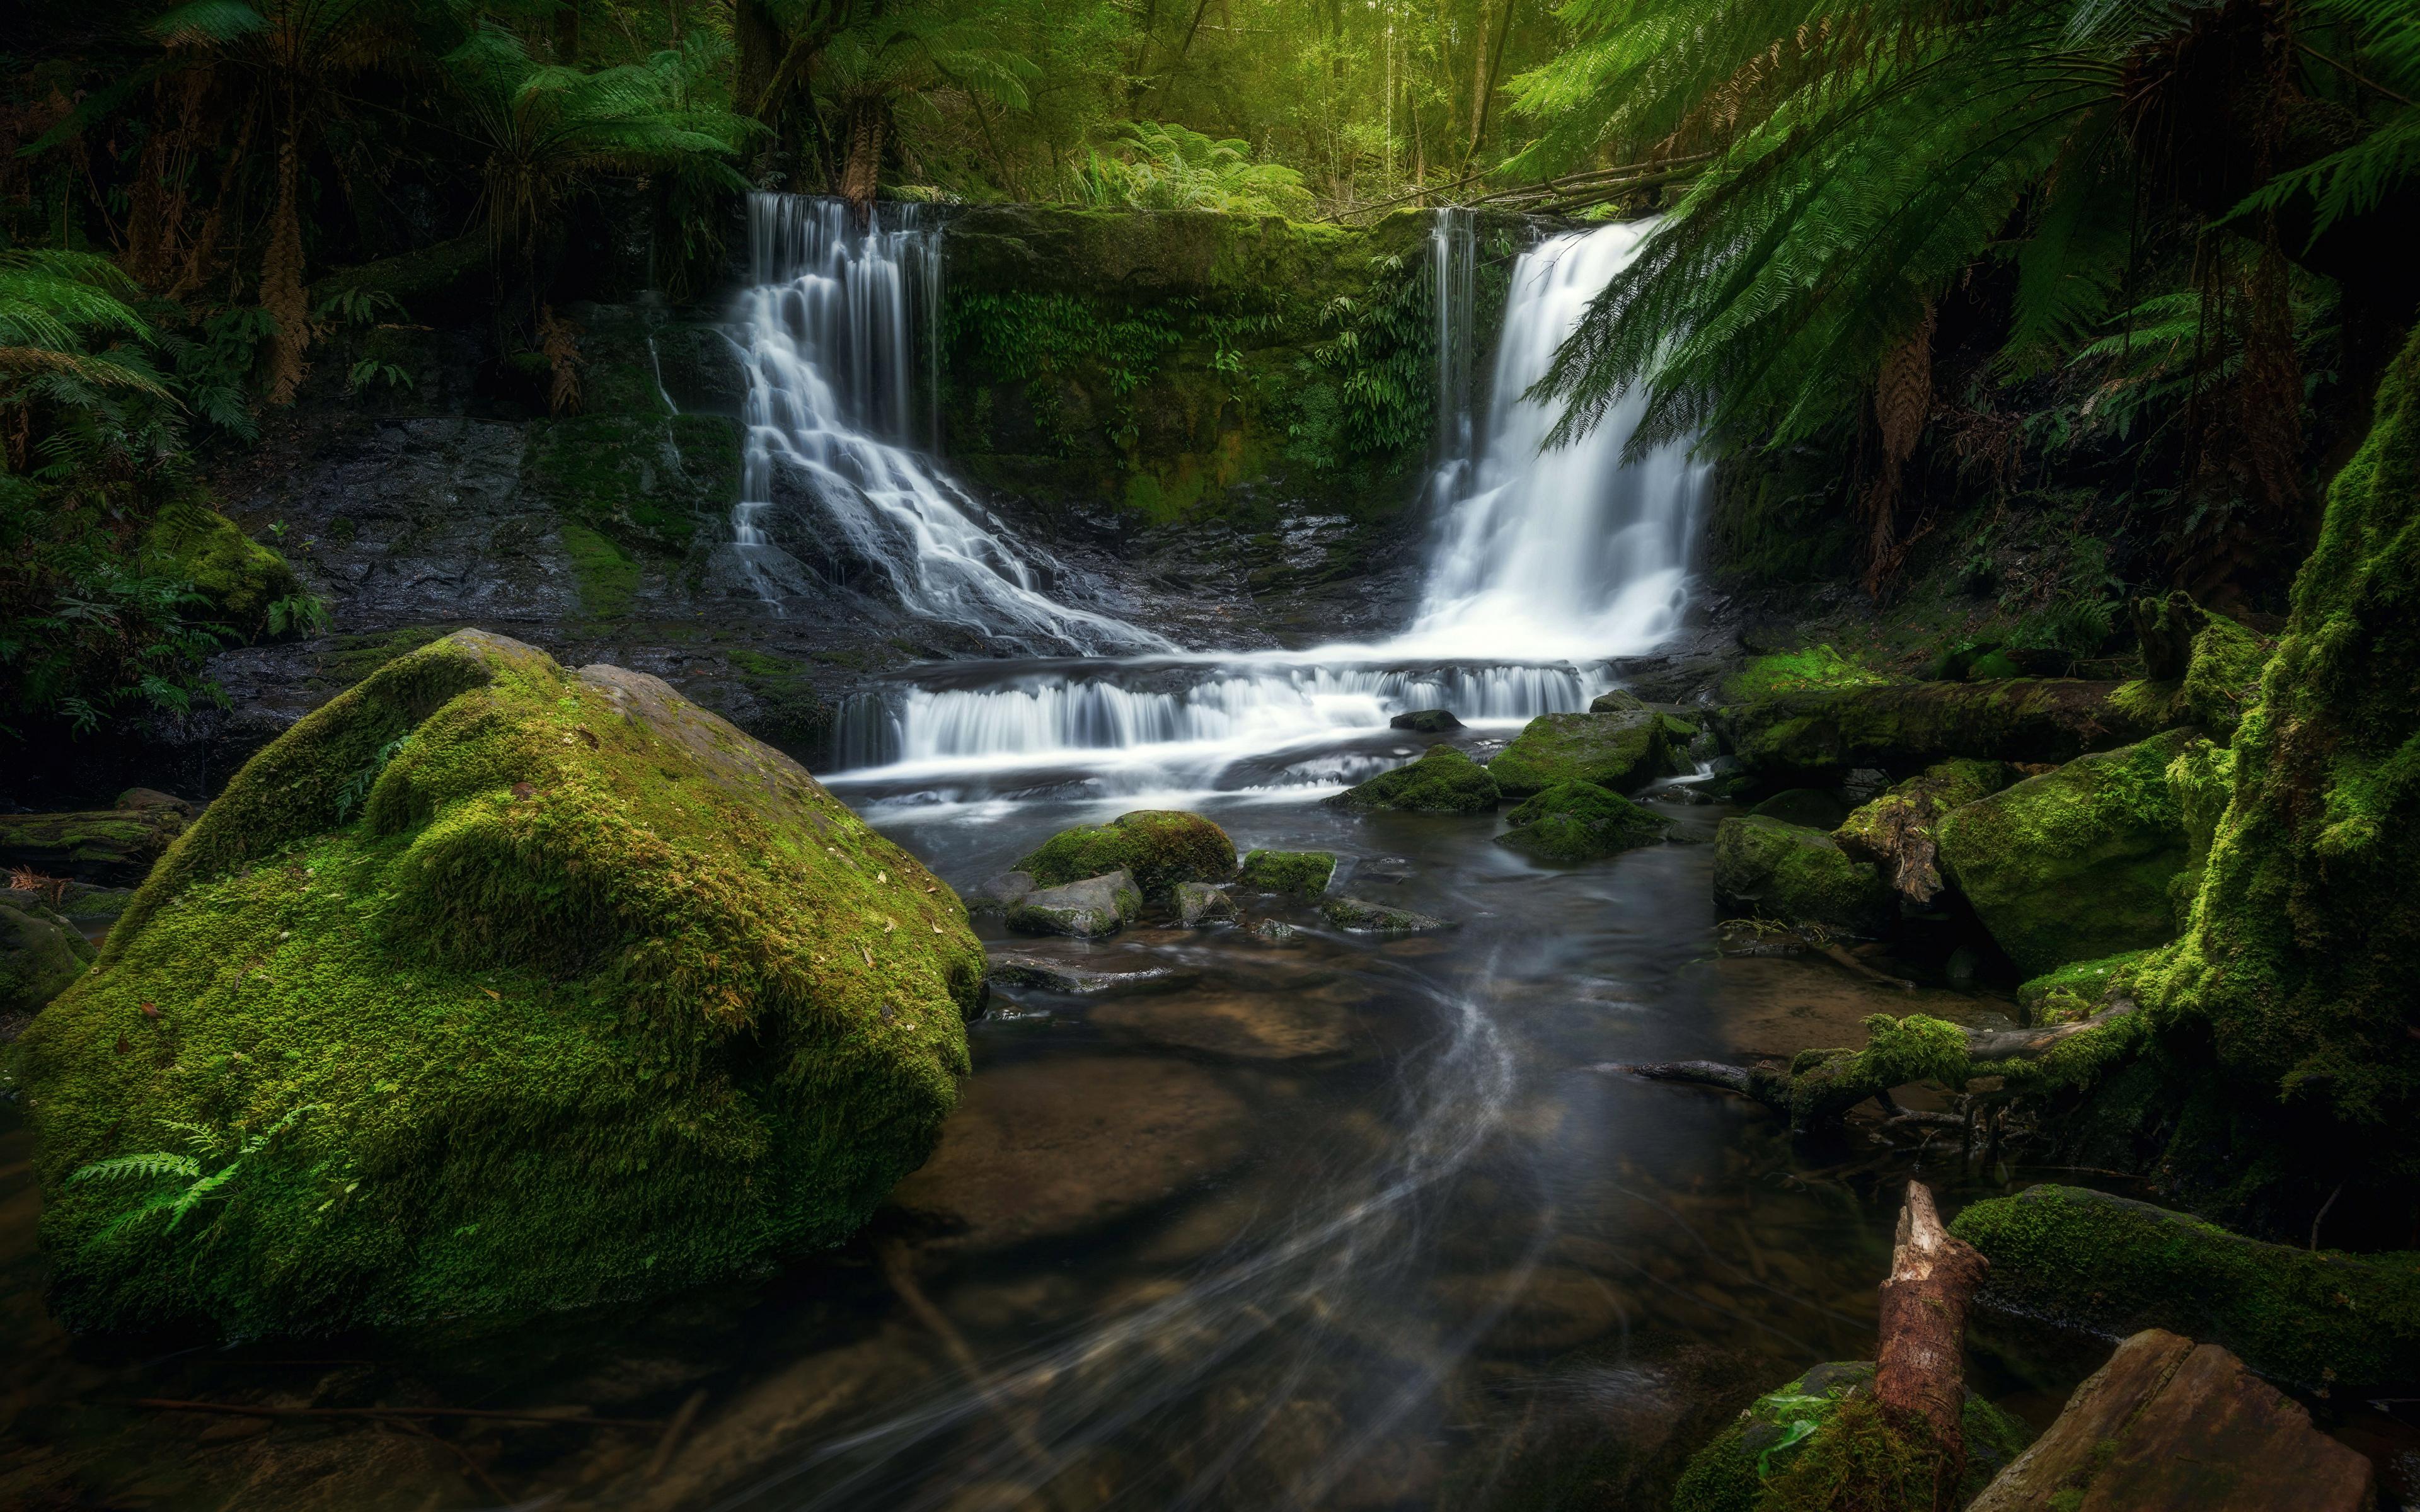 Обои для рабочего стола Австралия Mount Field National Park Природа Водопады Парки Мох Камень 3840x2400 парк мха мхом Камни